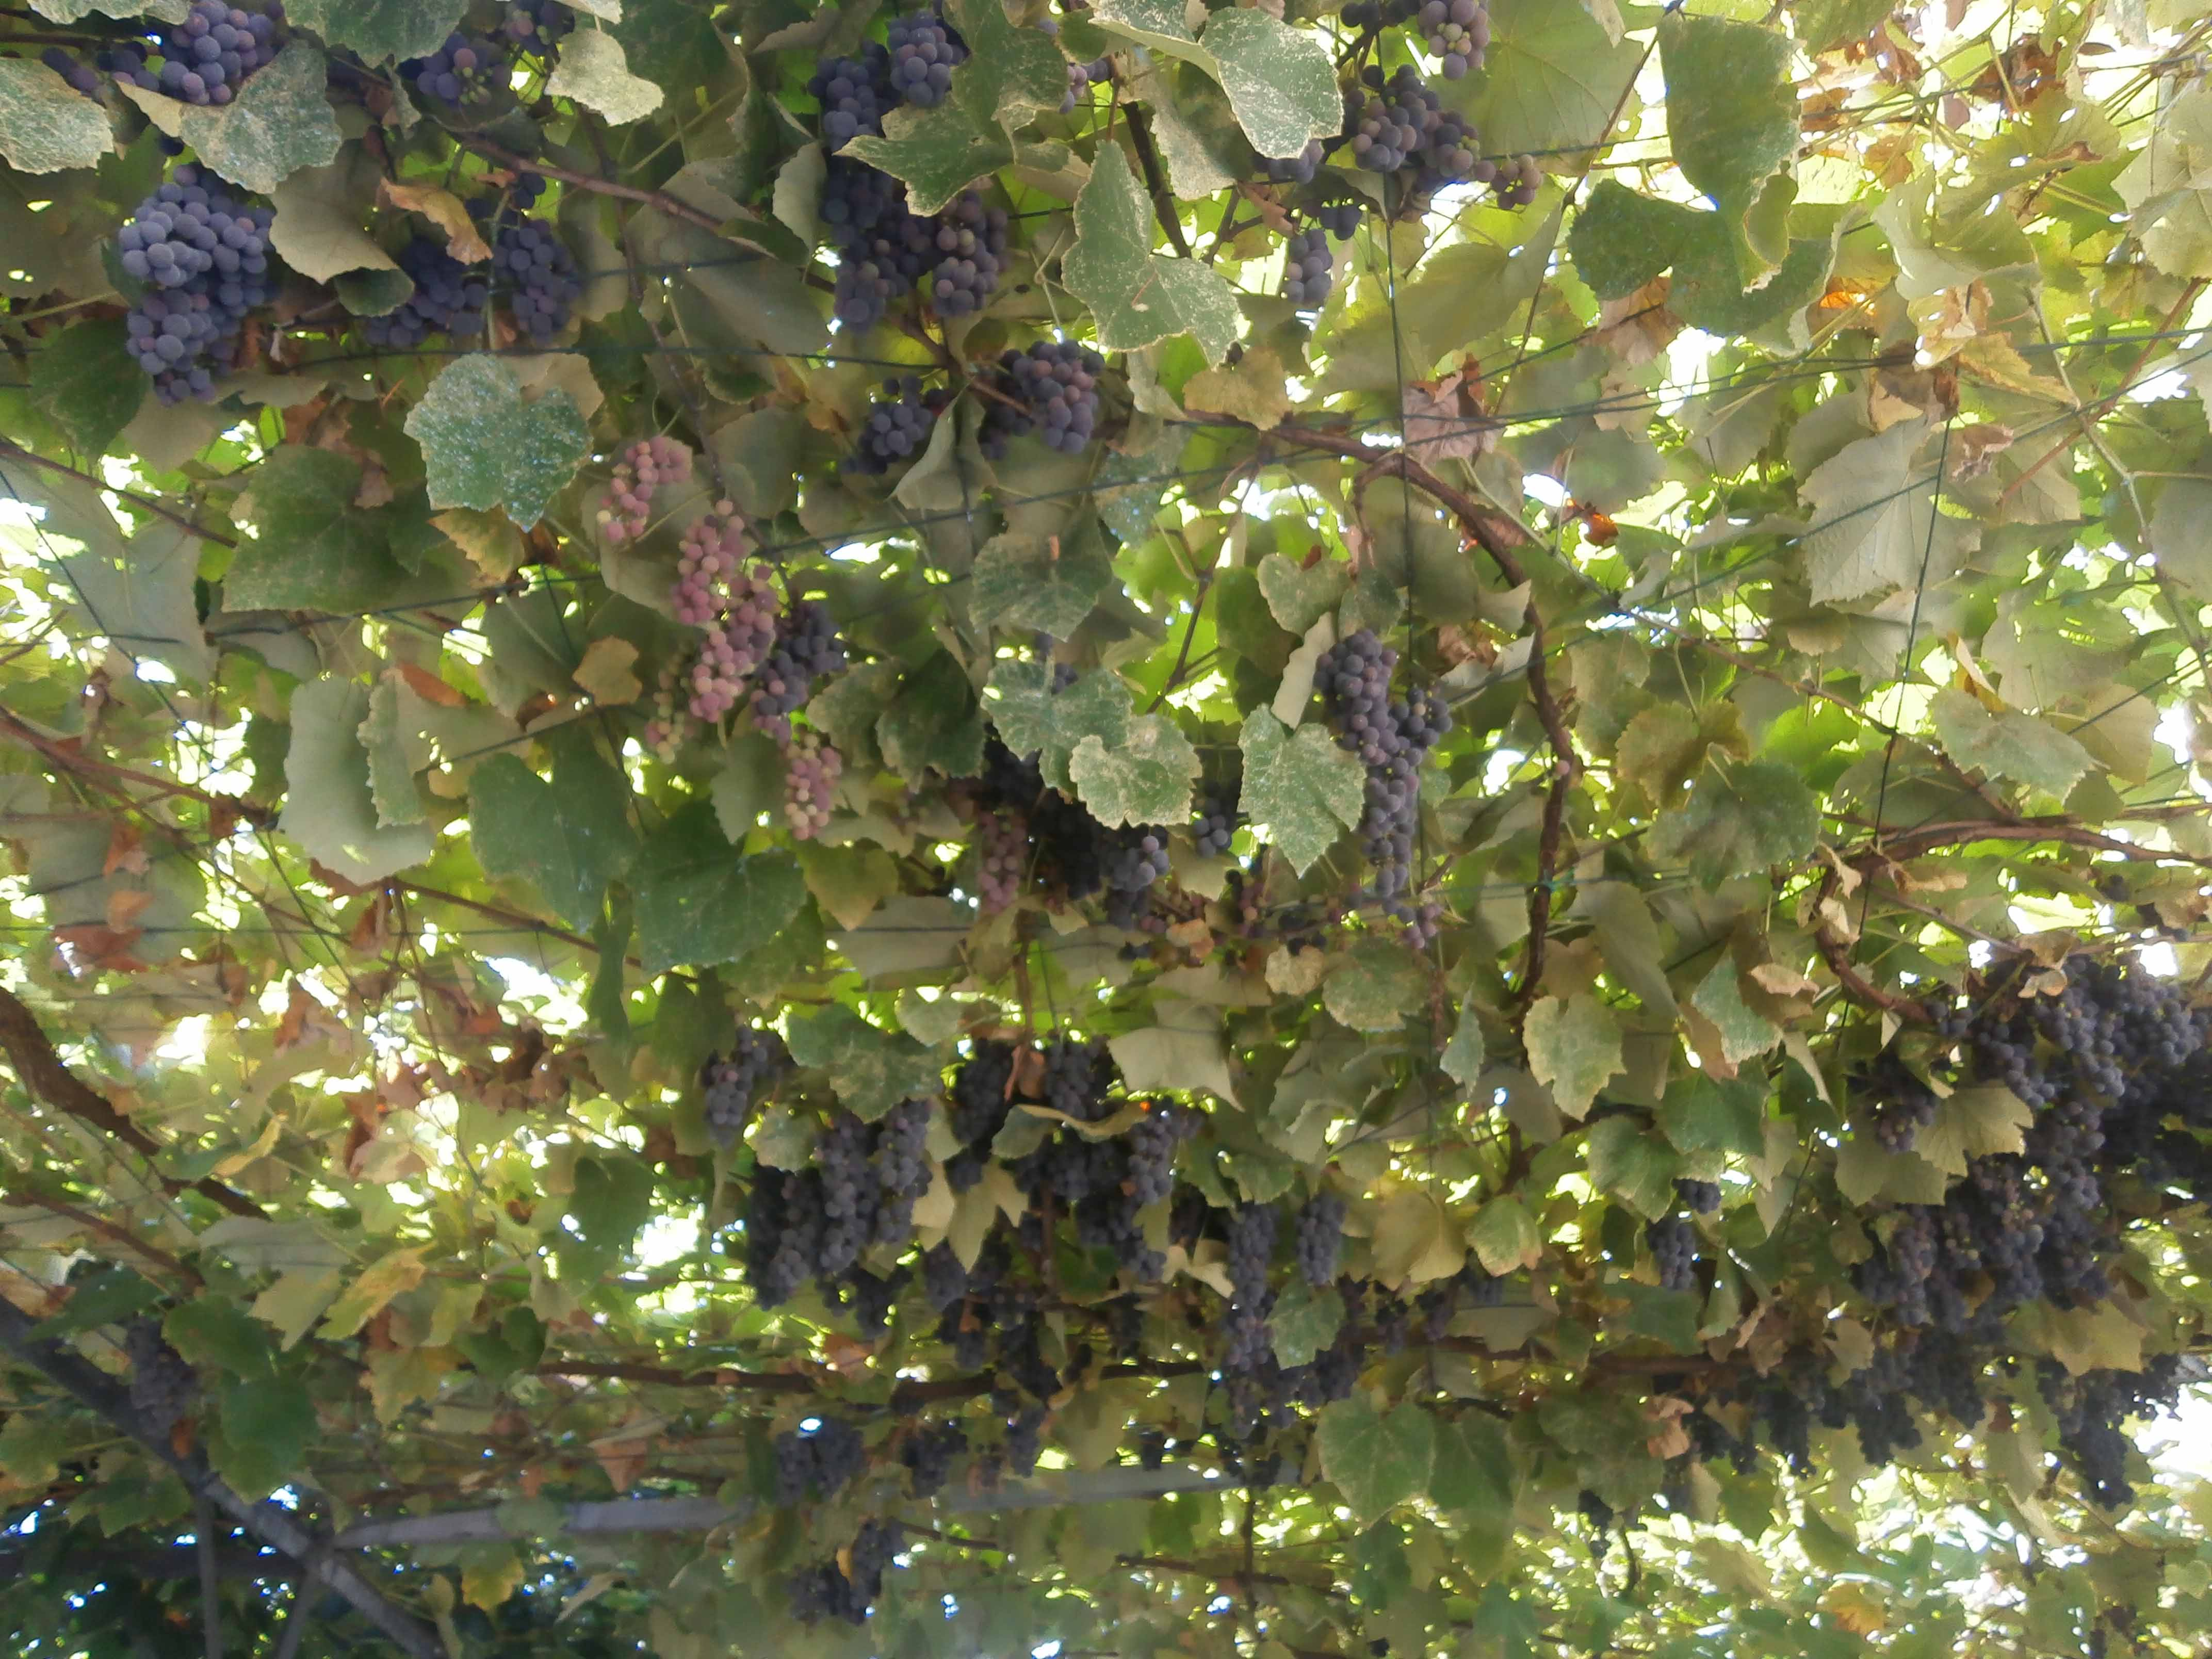 pergolato di uva fragola